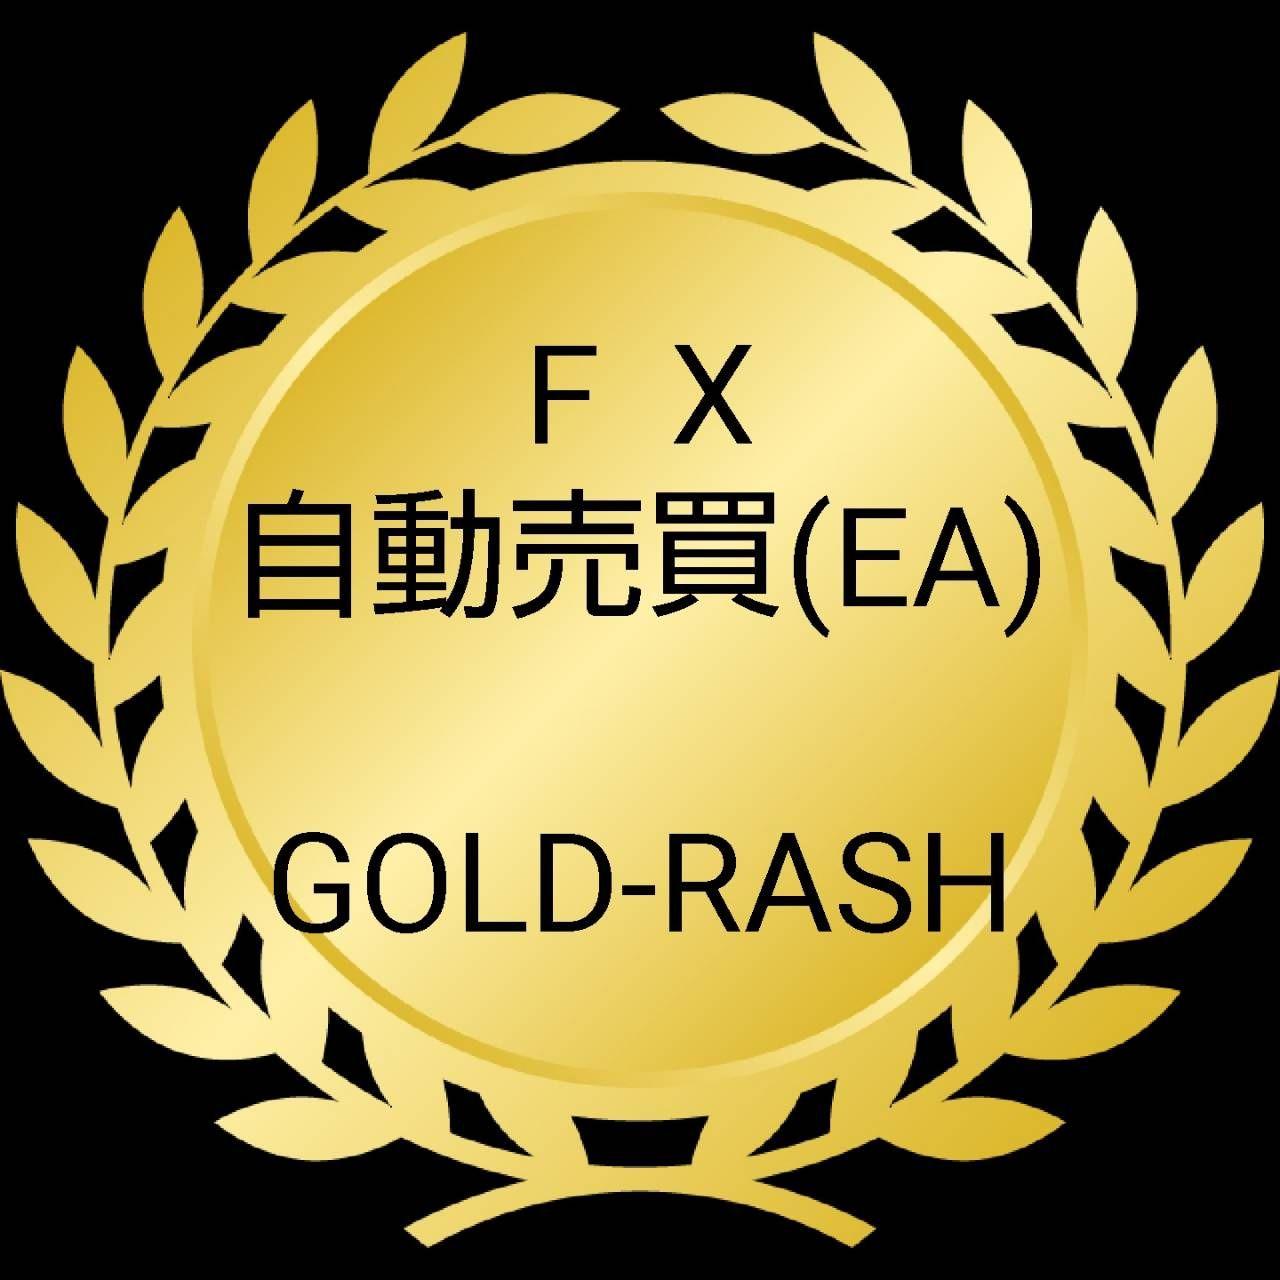 GOLD-RASH